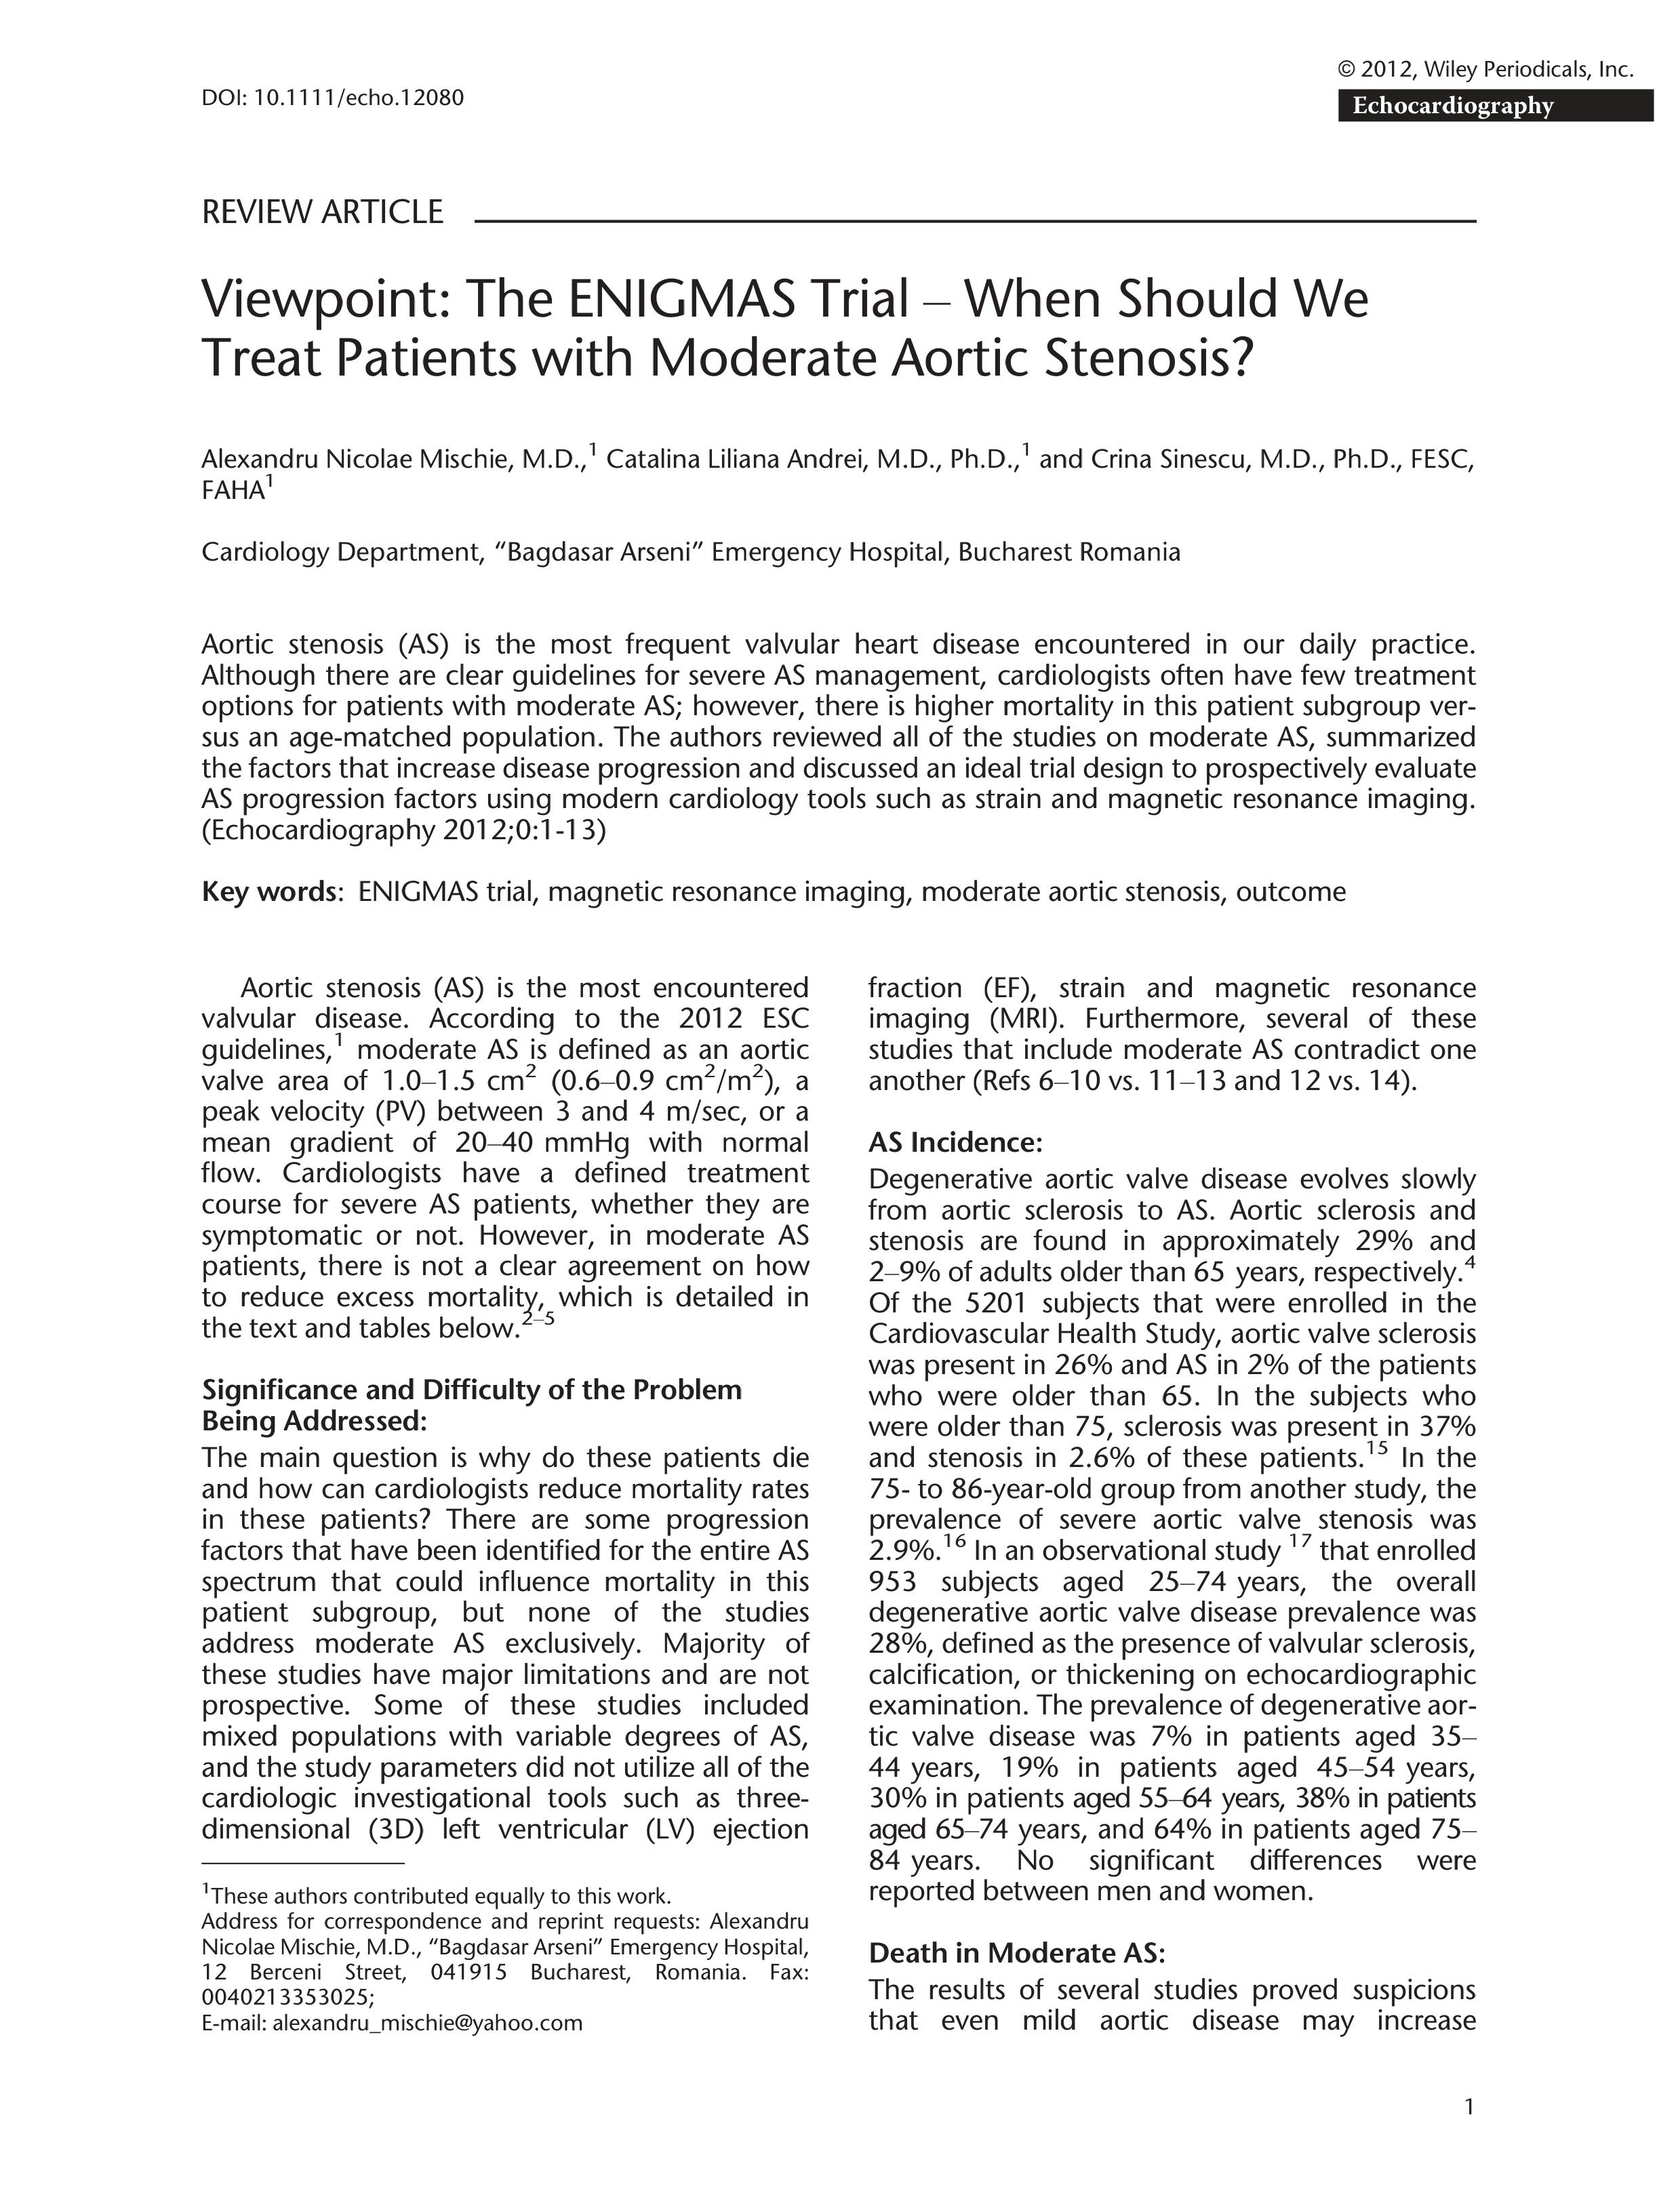 Point de vue: etude Enigmas - quand devrions nous traiter les patients présentant une sténose aortique modérée ?